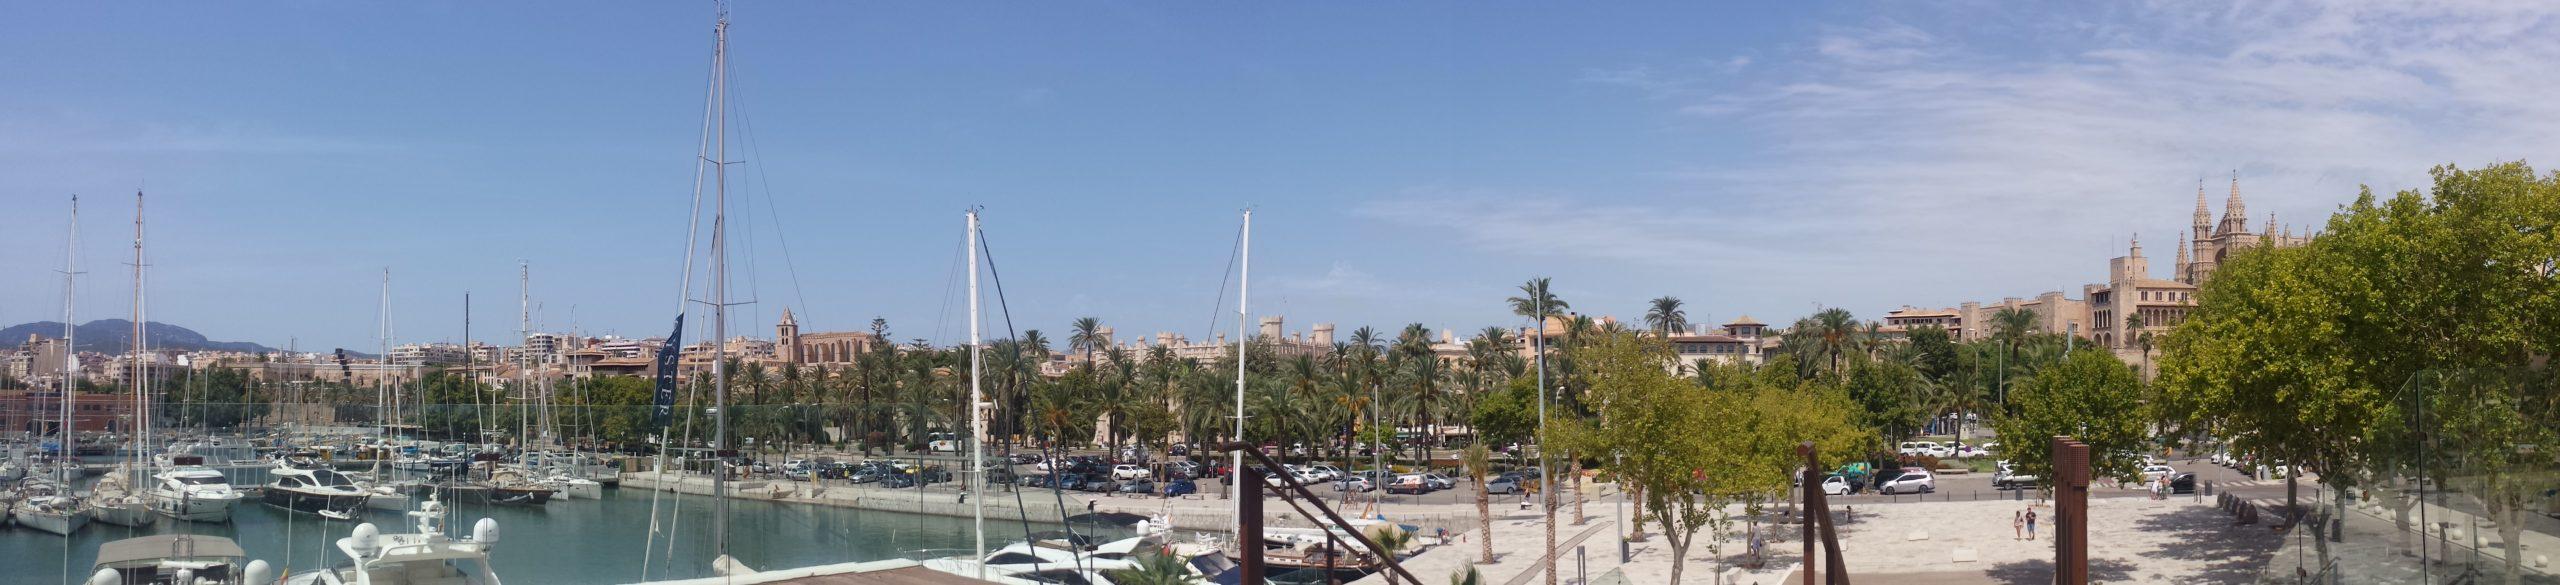 Ausblick über den kleinen Hafen.